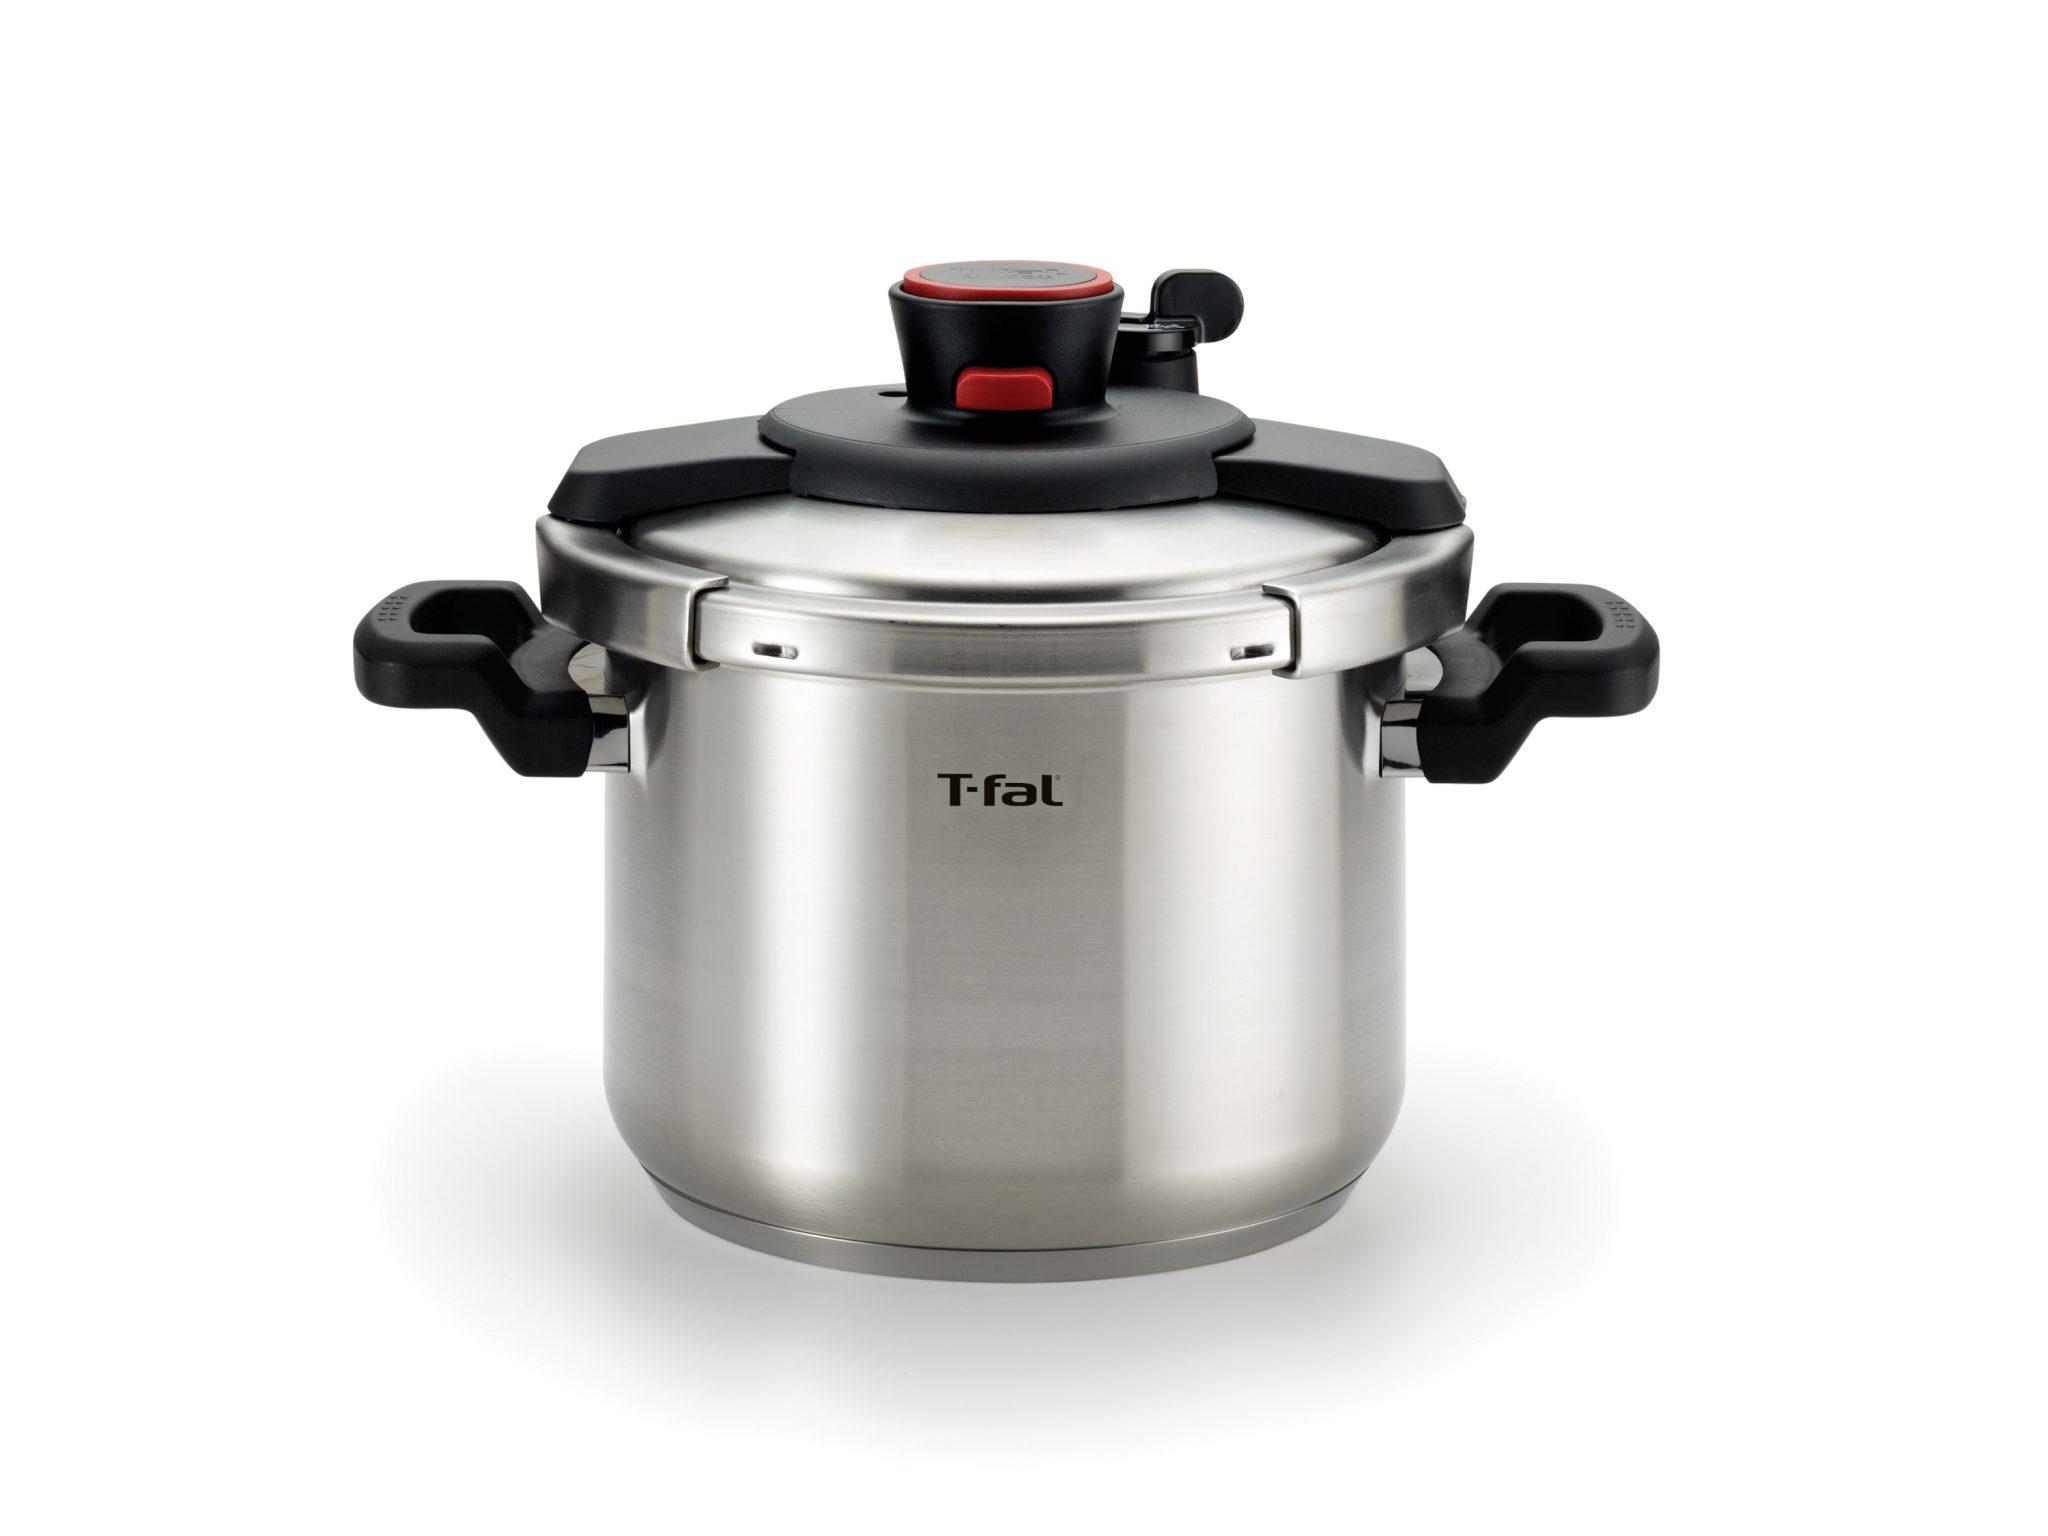 TFal Clipso Pressure Cooker